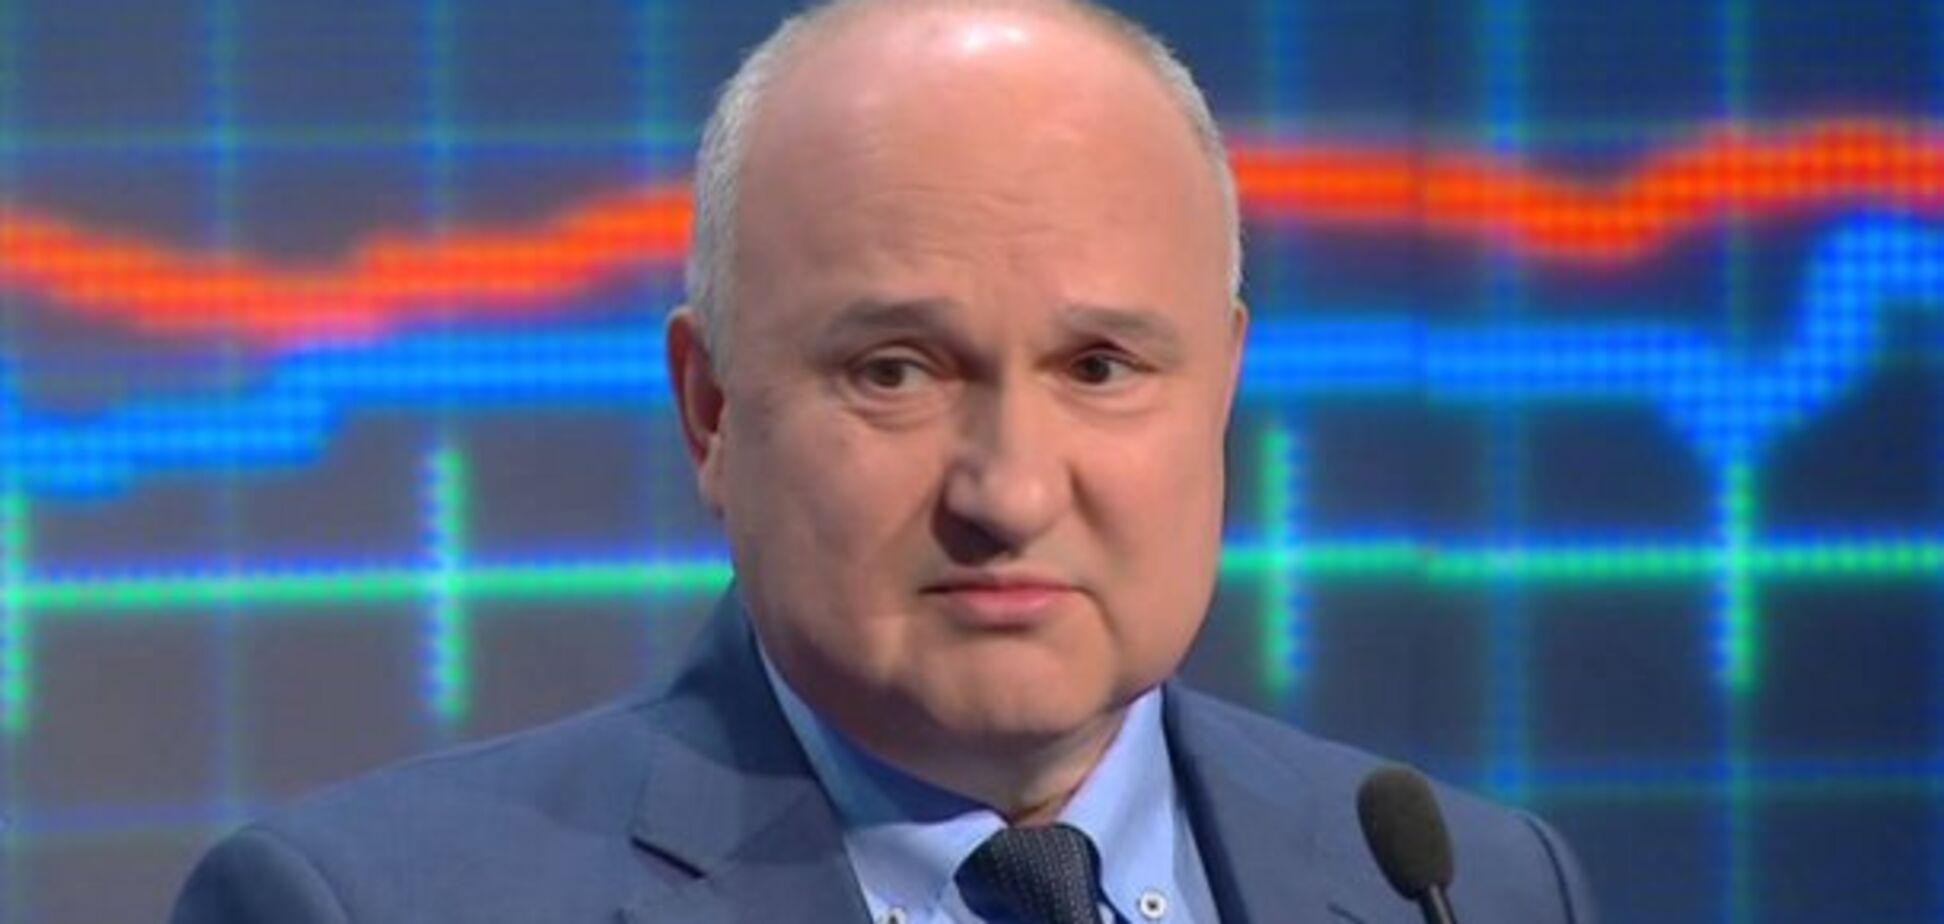 Партія Смешка: дивує, чому в списку нема Януковича